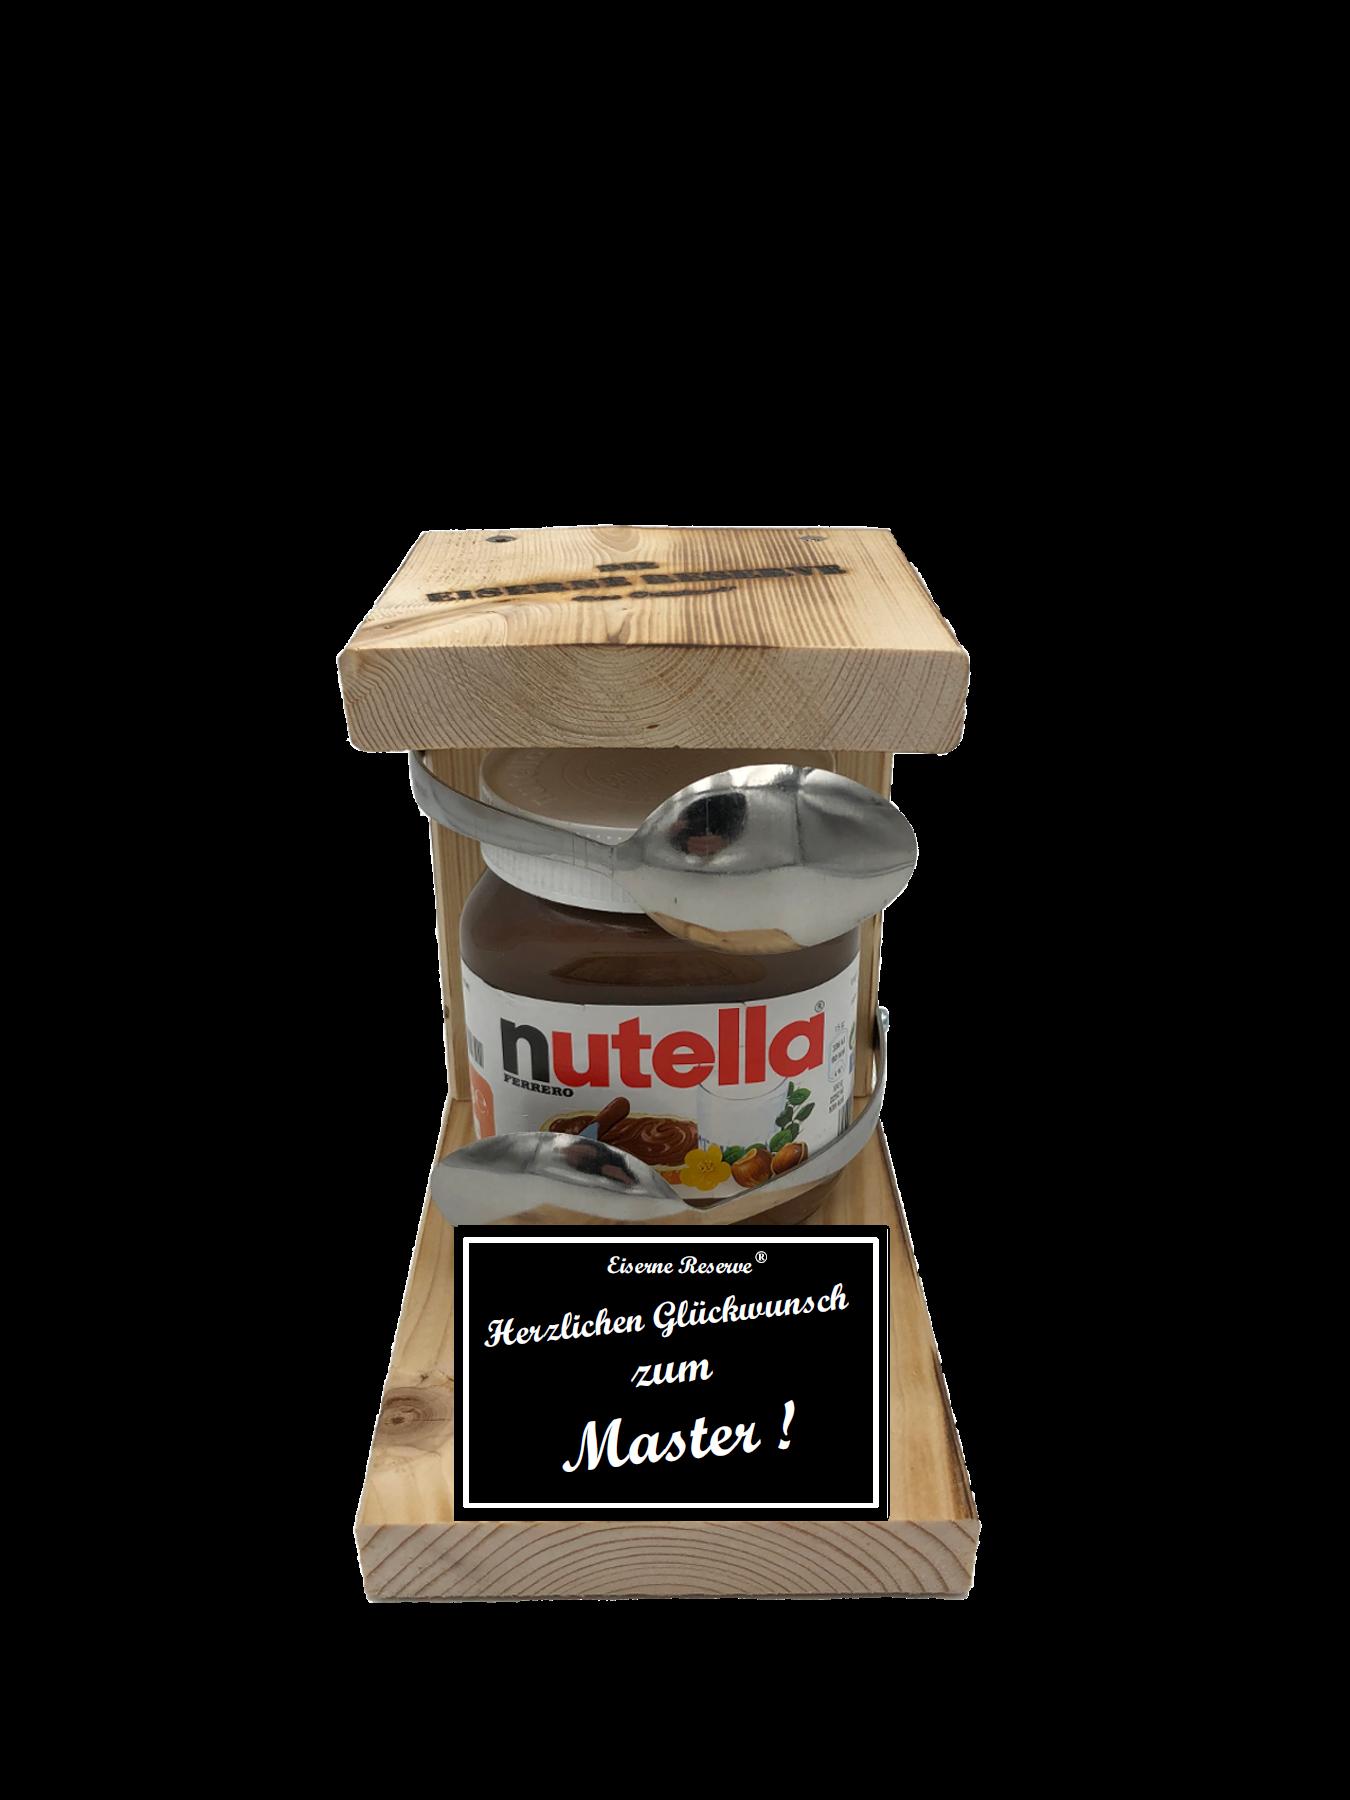 Herzlichen Glückwunsch zum Master Löffel Nutella Geschenk - Die Nutella Geschenkidee